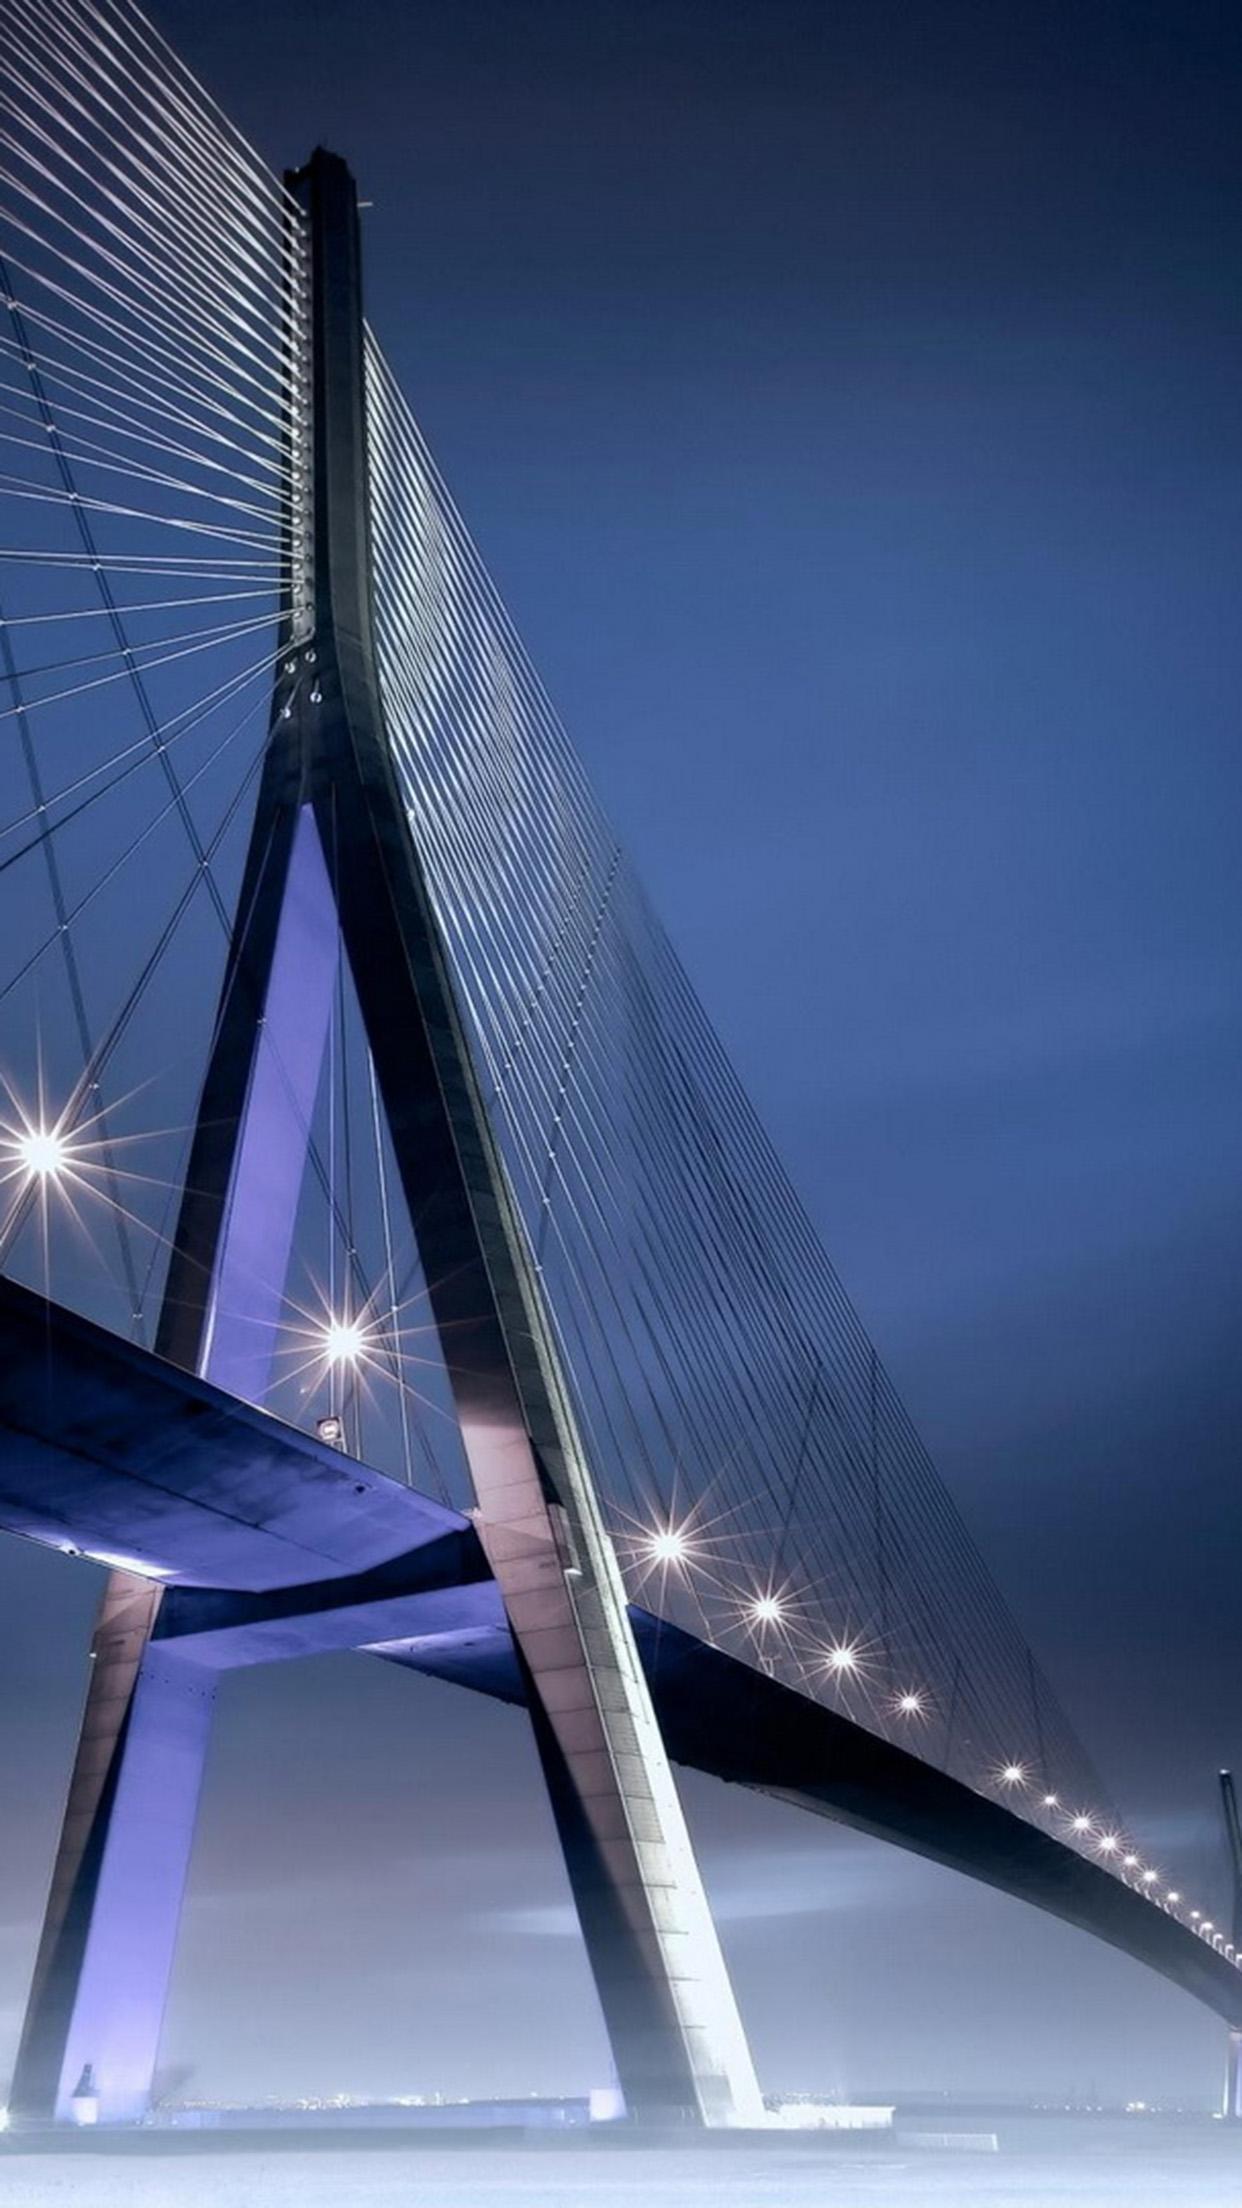 Normandie Pont de Normandie 3Wallpapers iPhone Parallax Normandy: Bridge